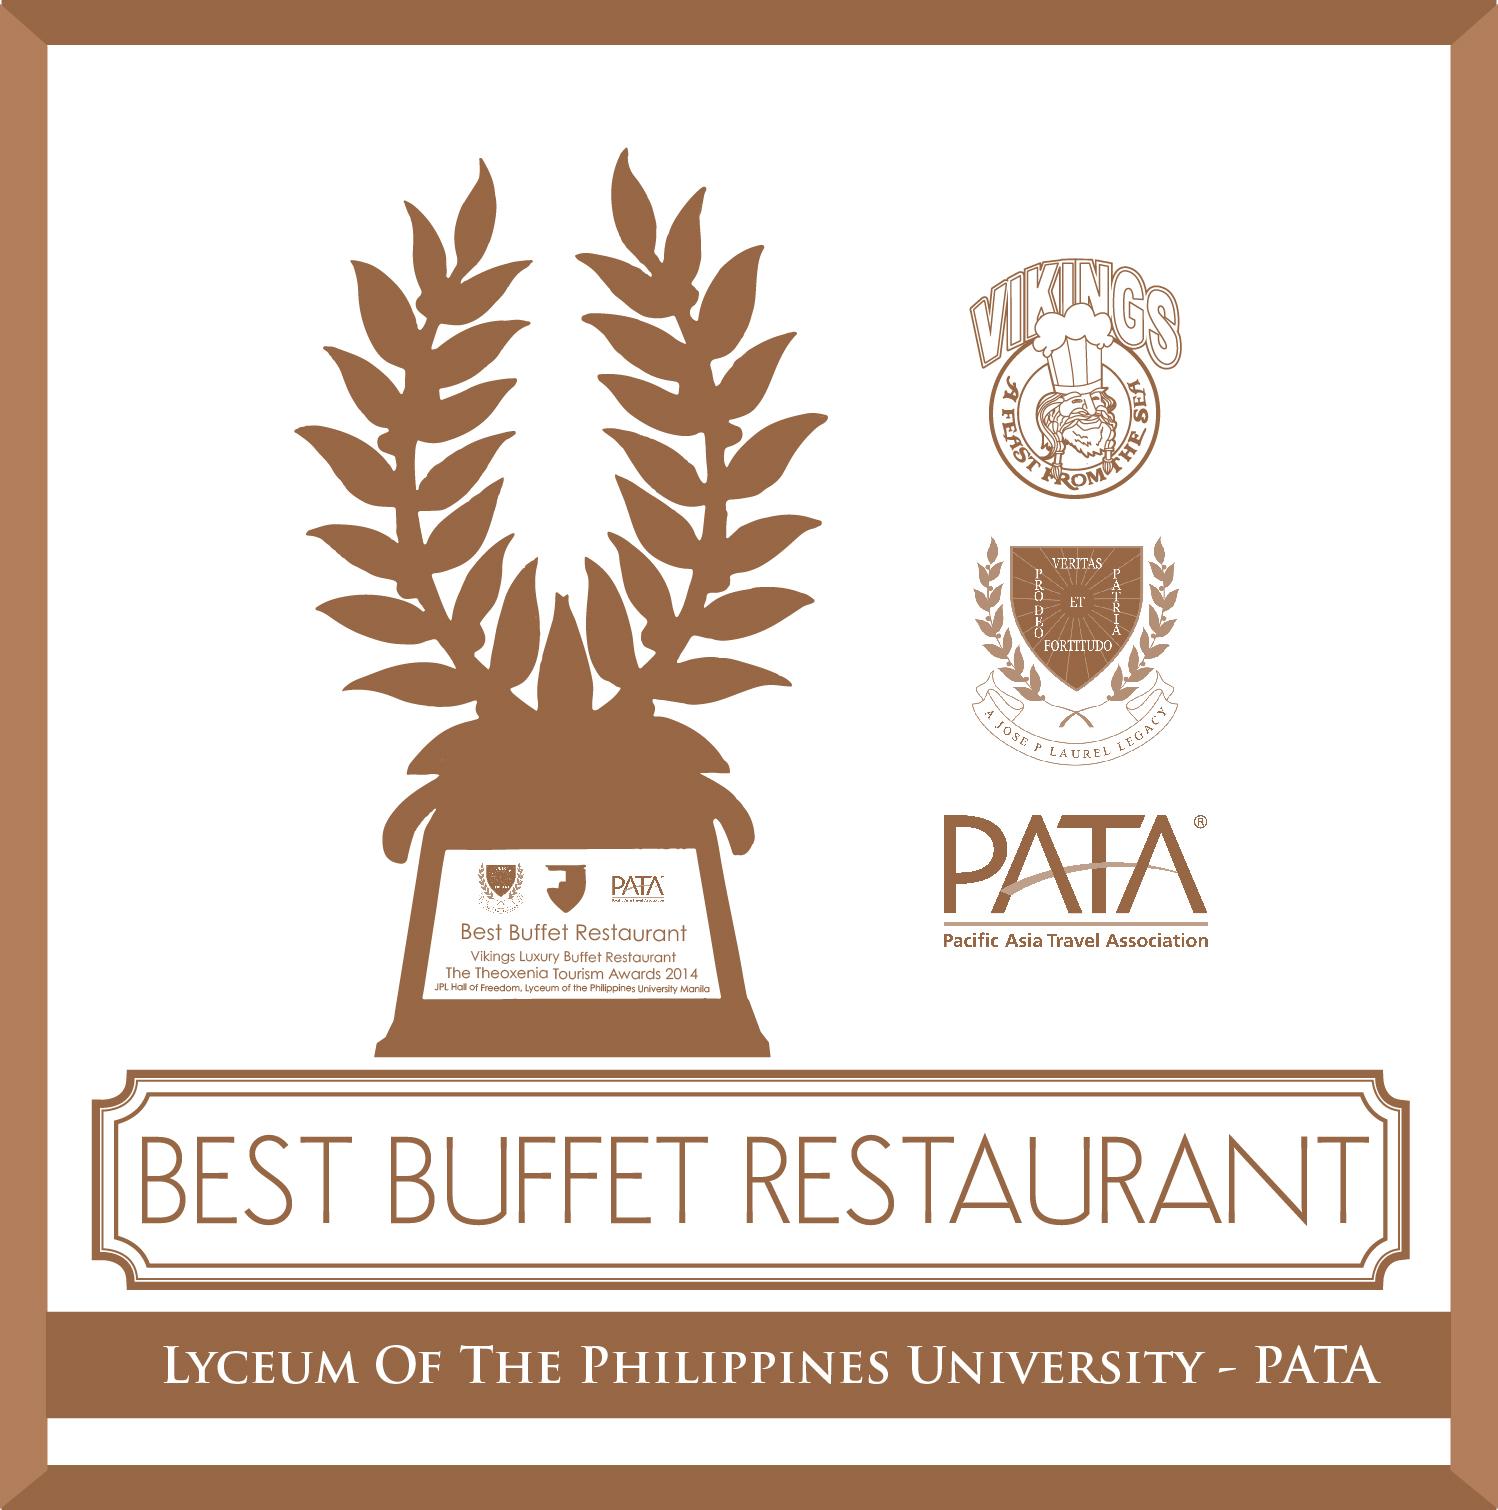 Vikings_Best Buffet Restaurant-01.jpg